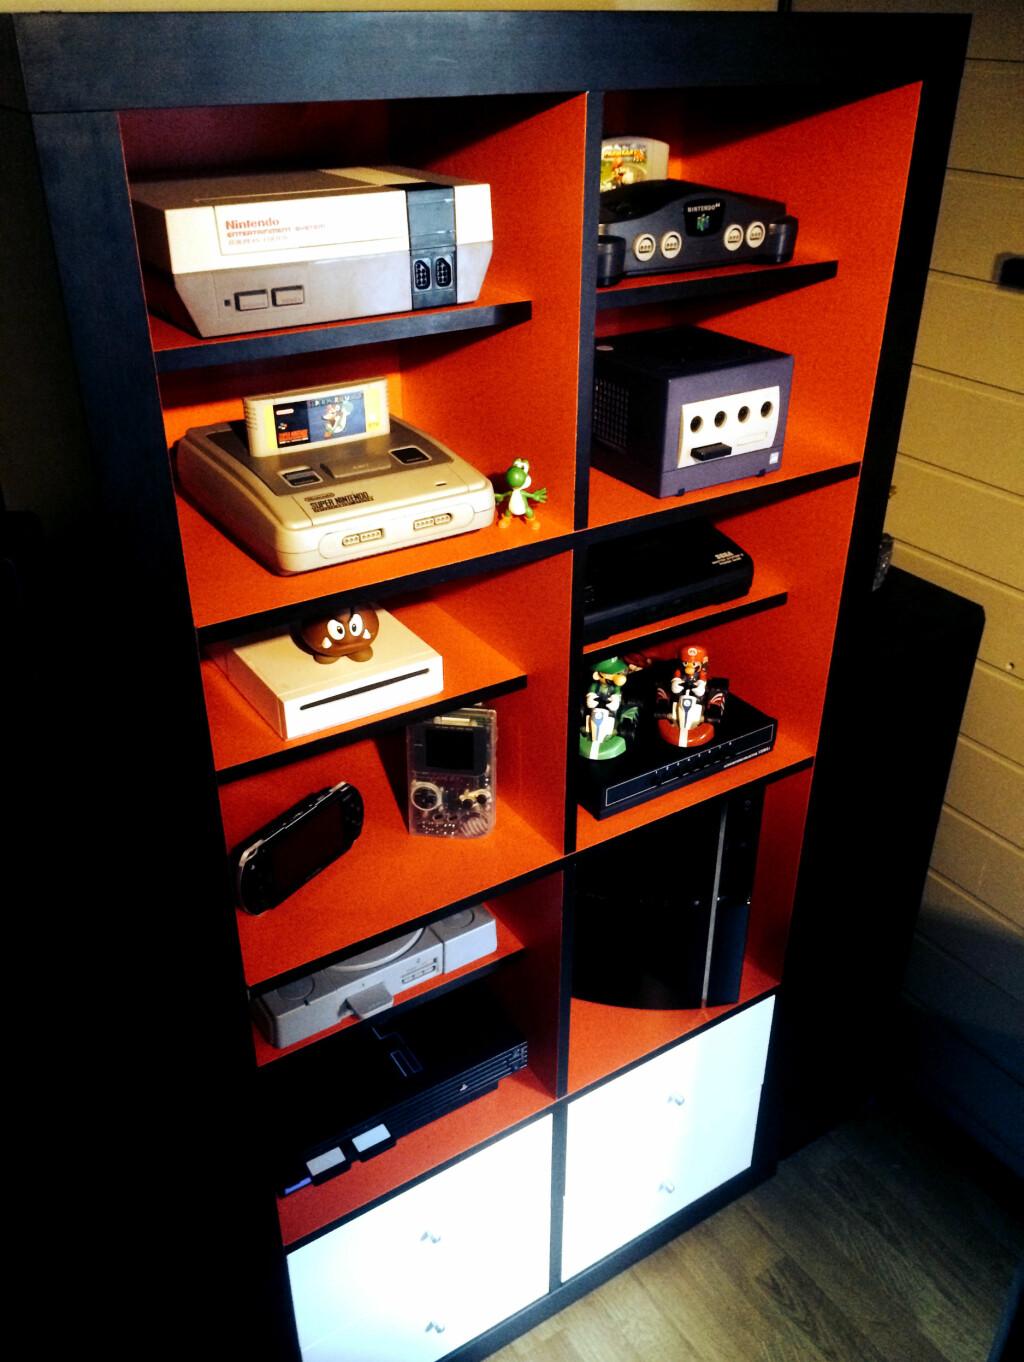 RETROHYLLE: Anders Helle har laget denne fine hyllen til sine gamle spillkonsoller. Han har satt sammen flere Ikea-hyller, og malt innsiden med vanlig interiørmaling. Foto: PRIVAT